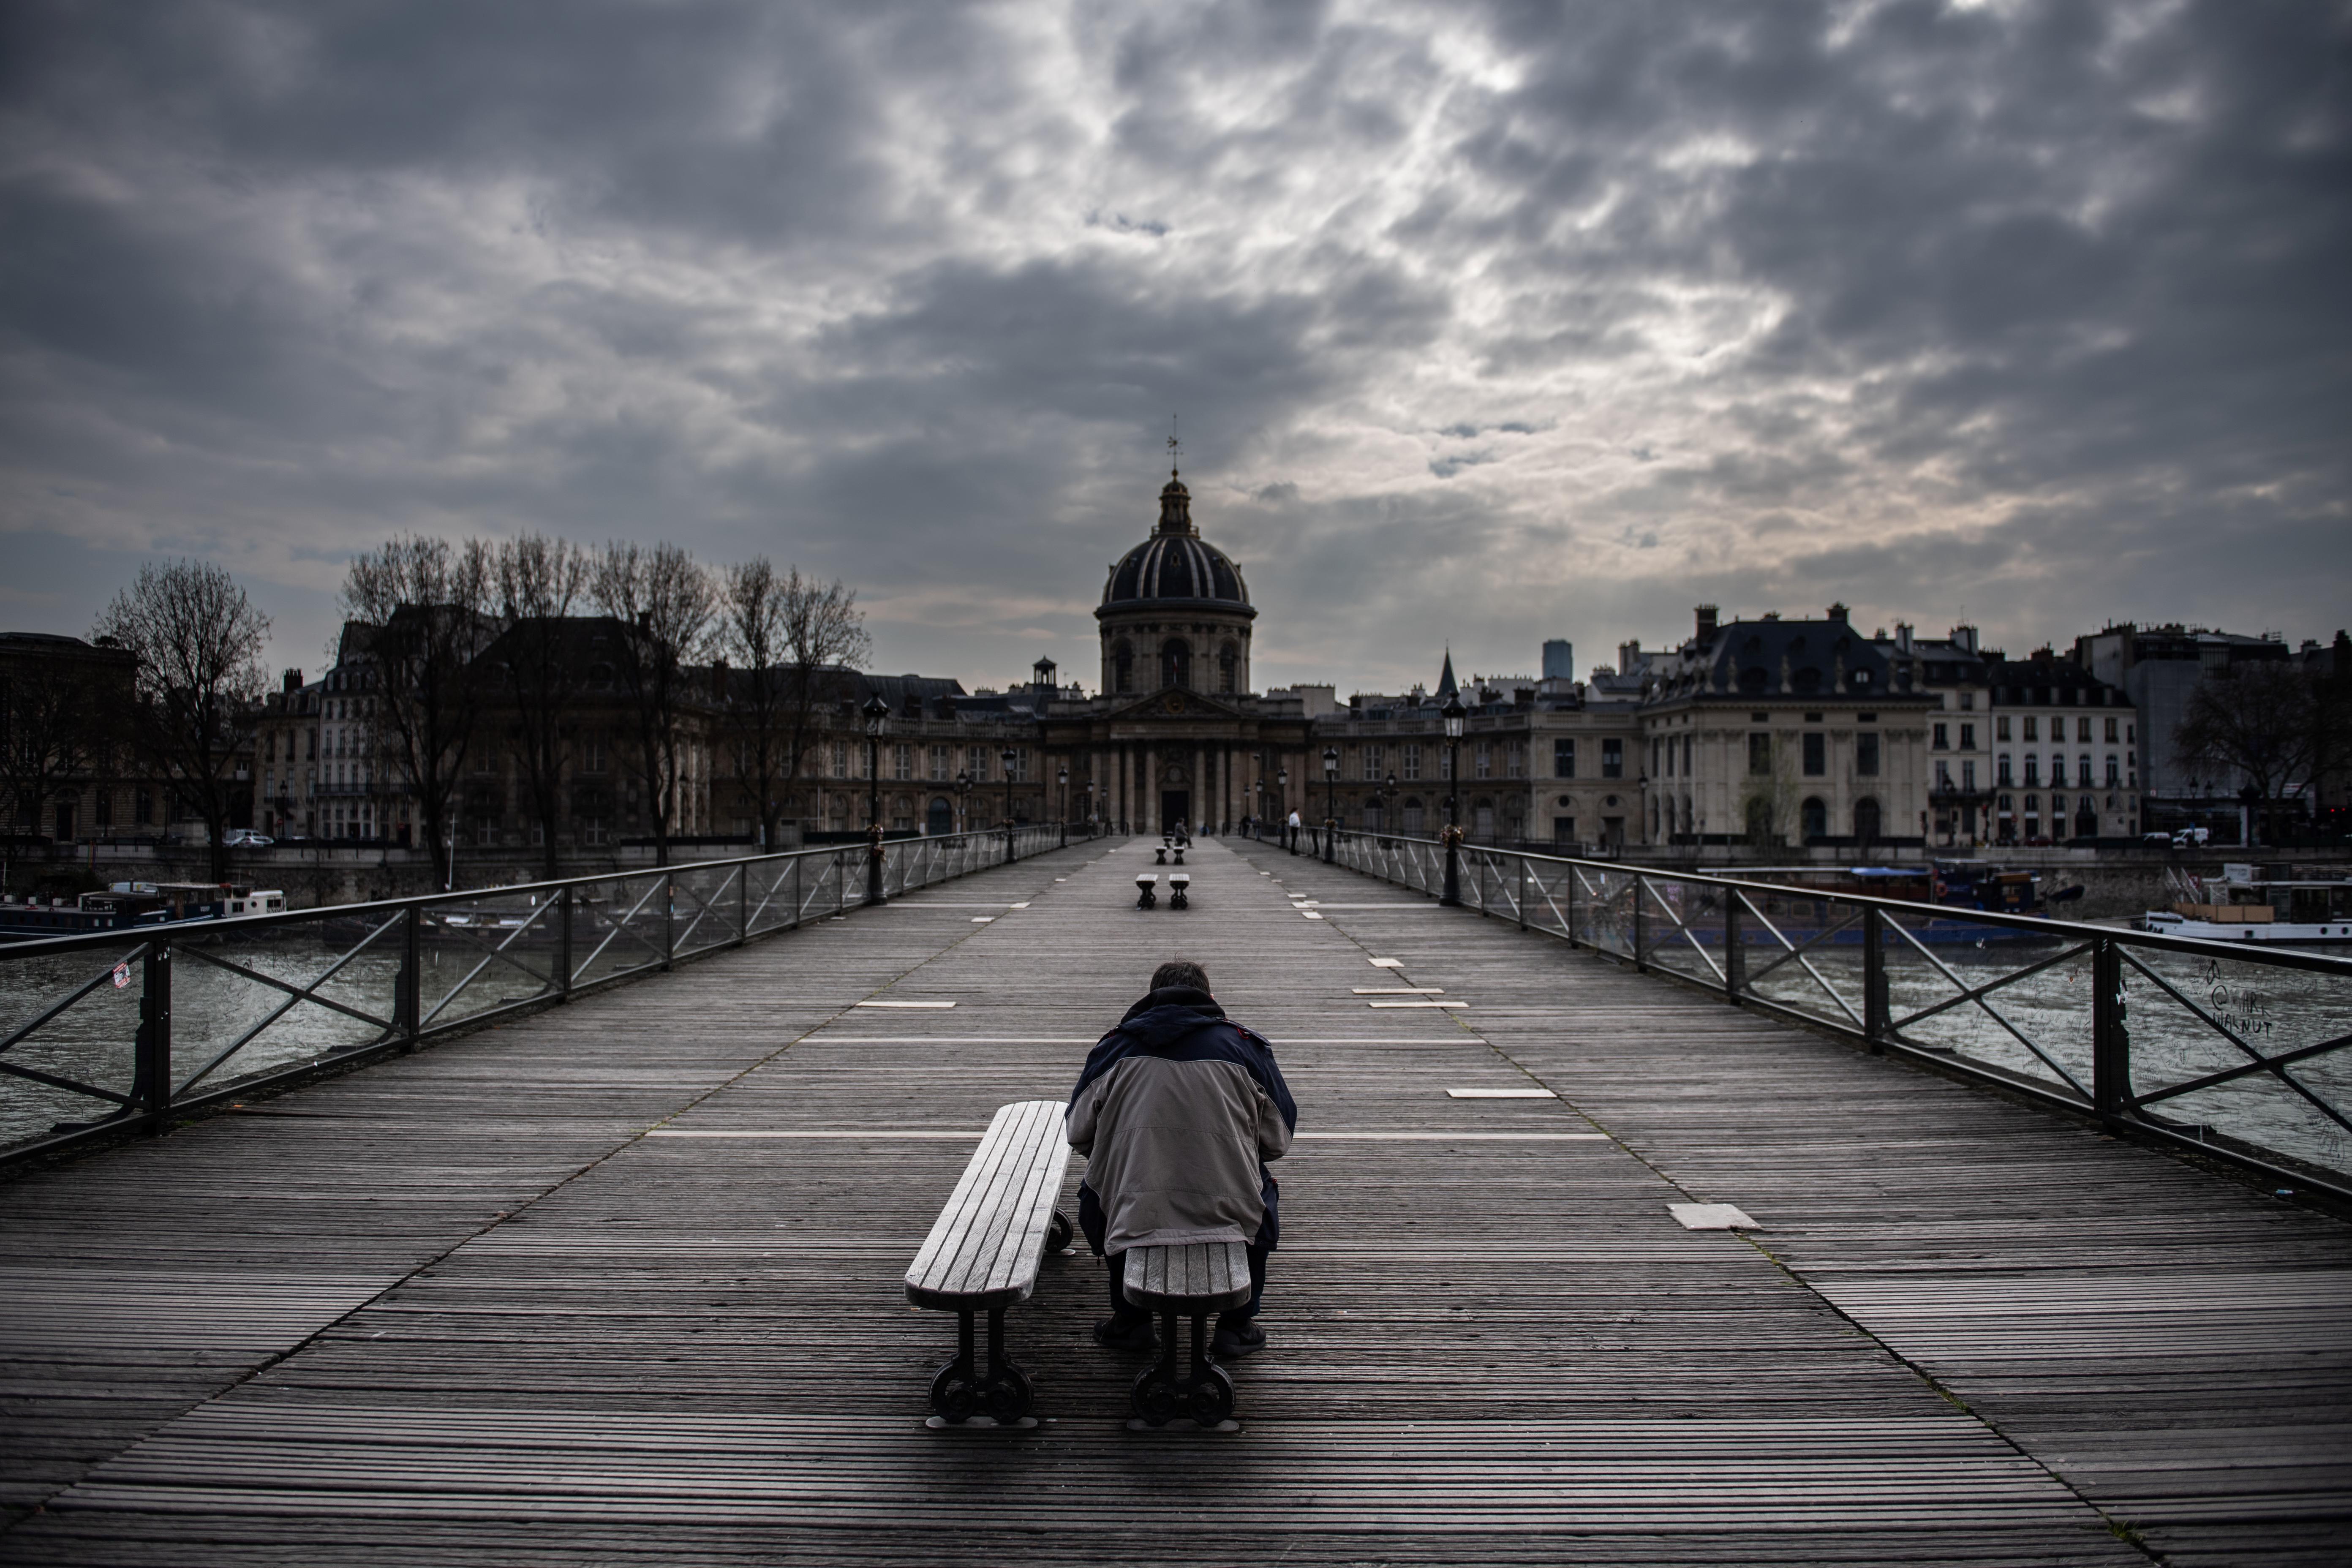 Több mint egymillió ember menekült el Párizsból a kijárási tilalom hírére, amit most hosszabbítottak meg 2 héttel